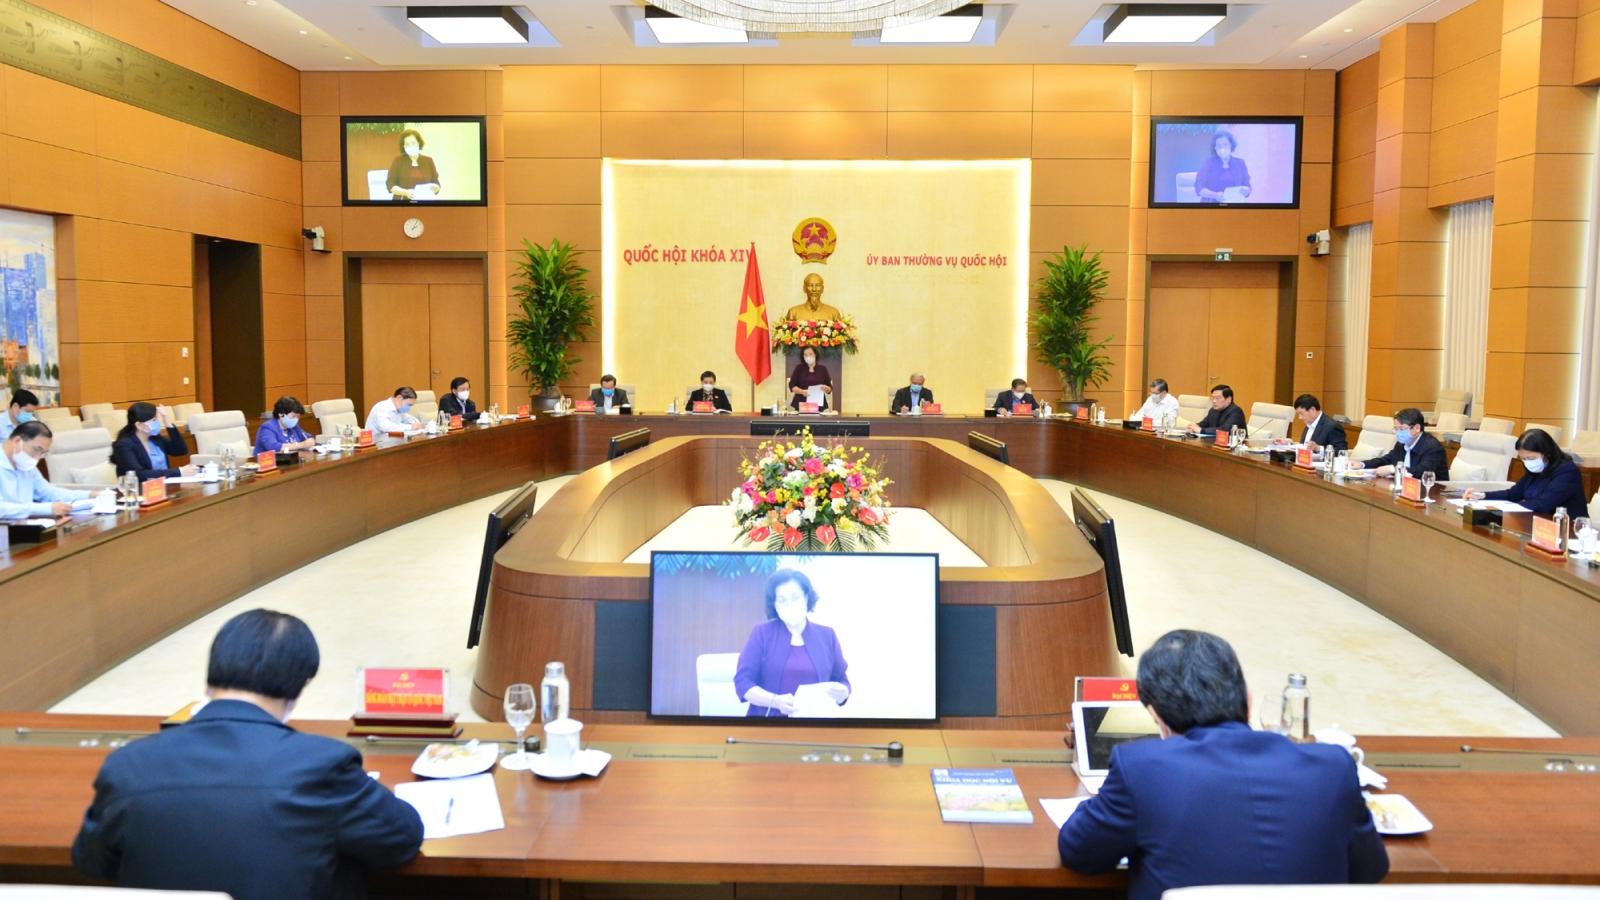 Quốc hội cho ý kiến về Đề án bầu cử ĐBQH khóa XV